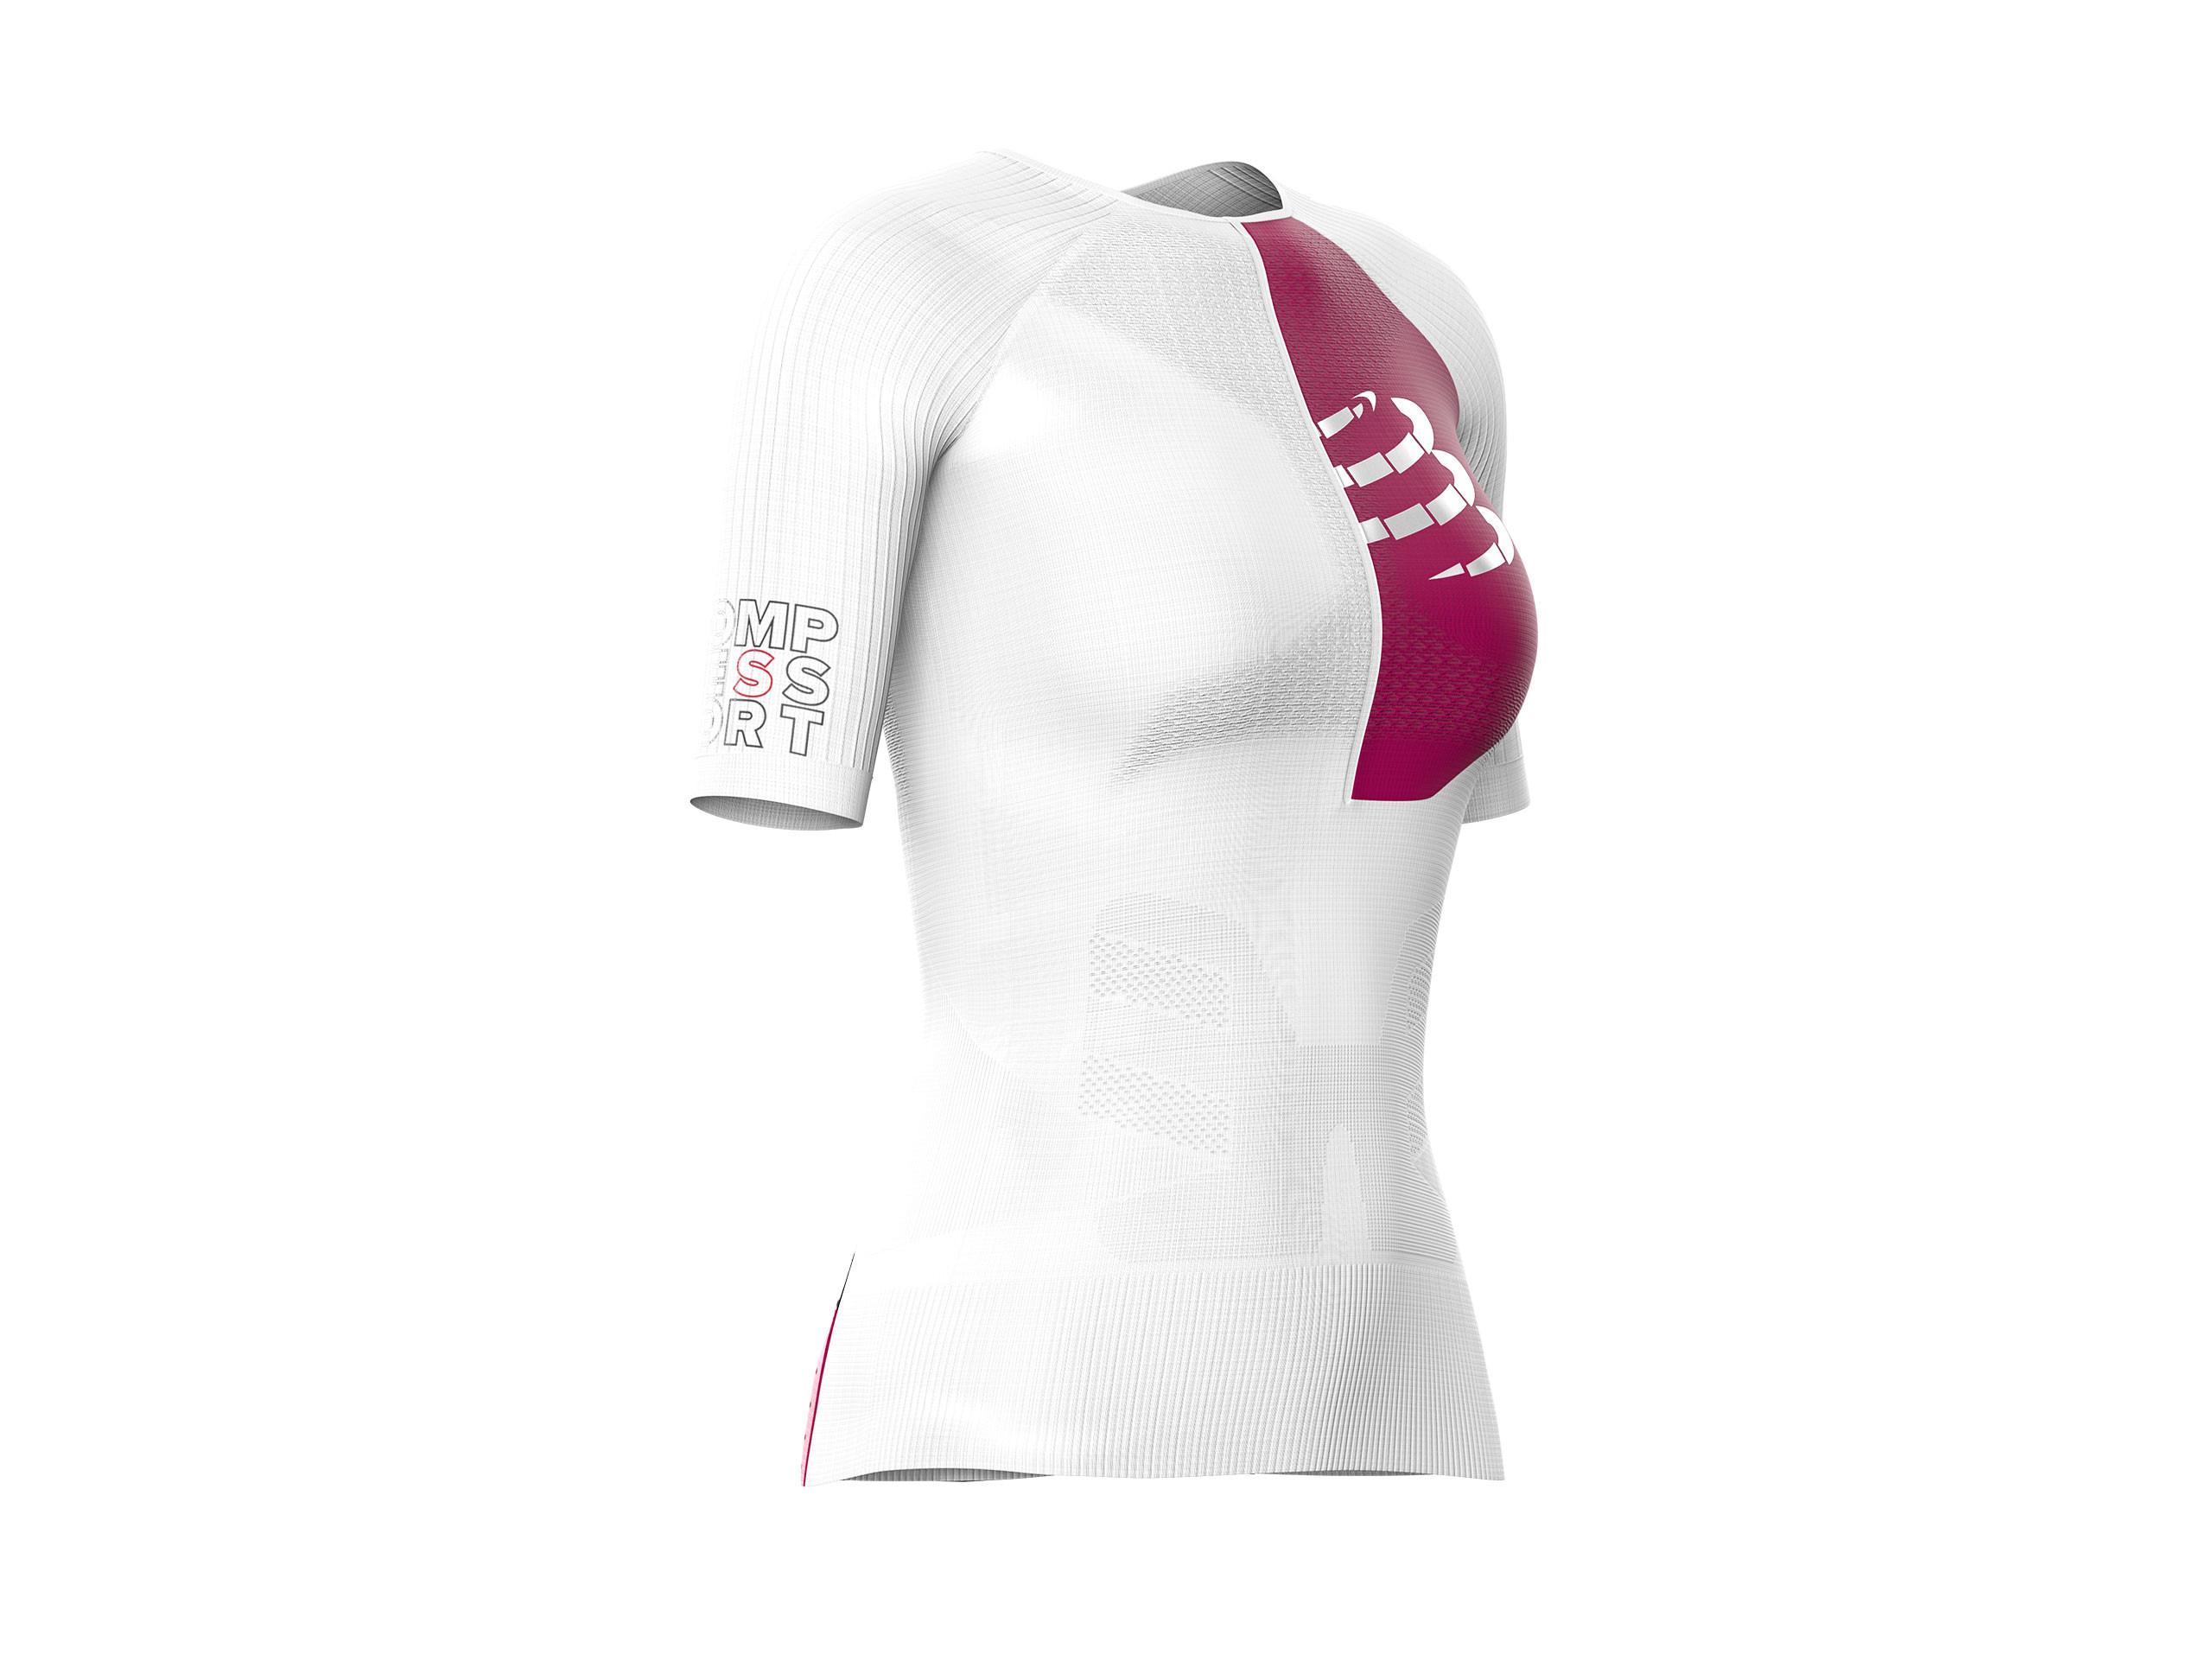 Maglia posturale da triathlon Aero SS W bianca